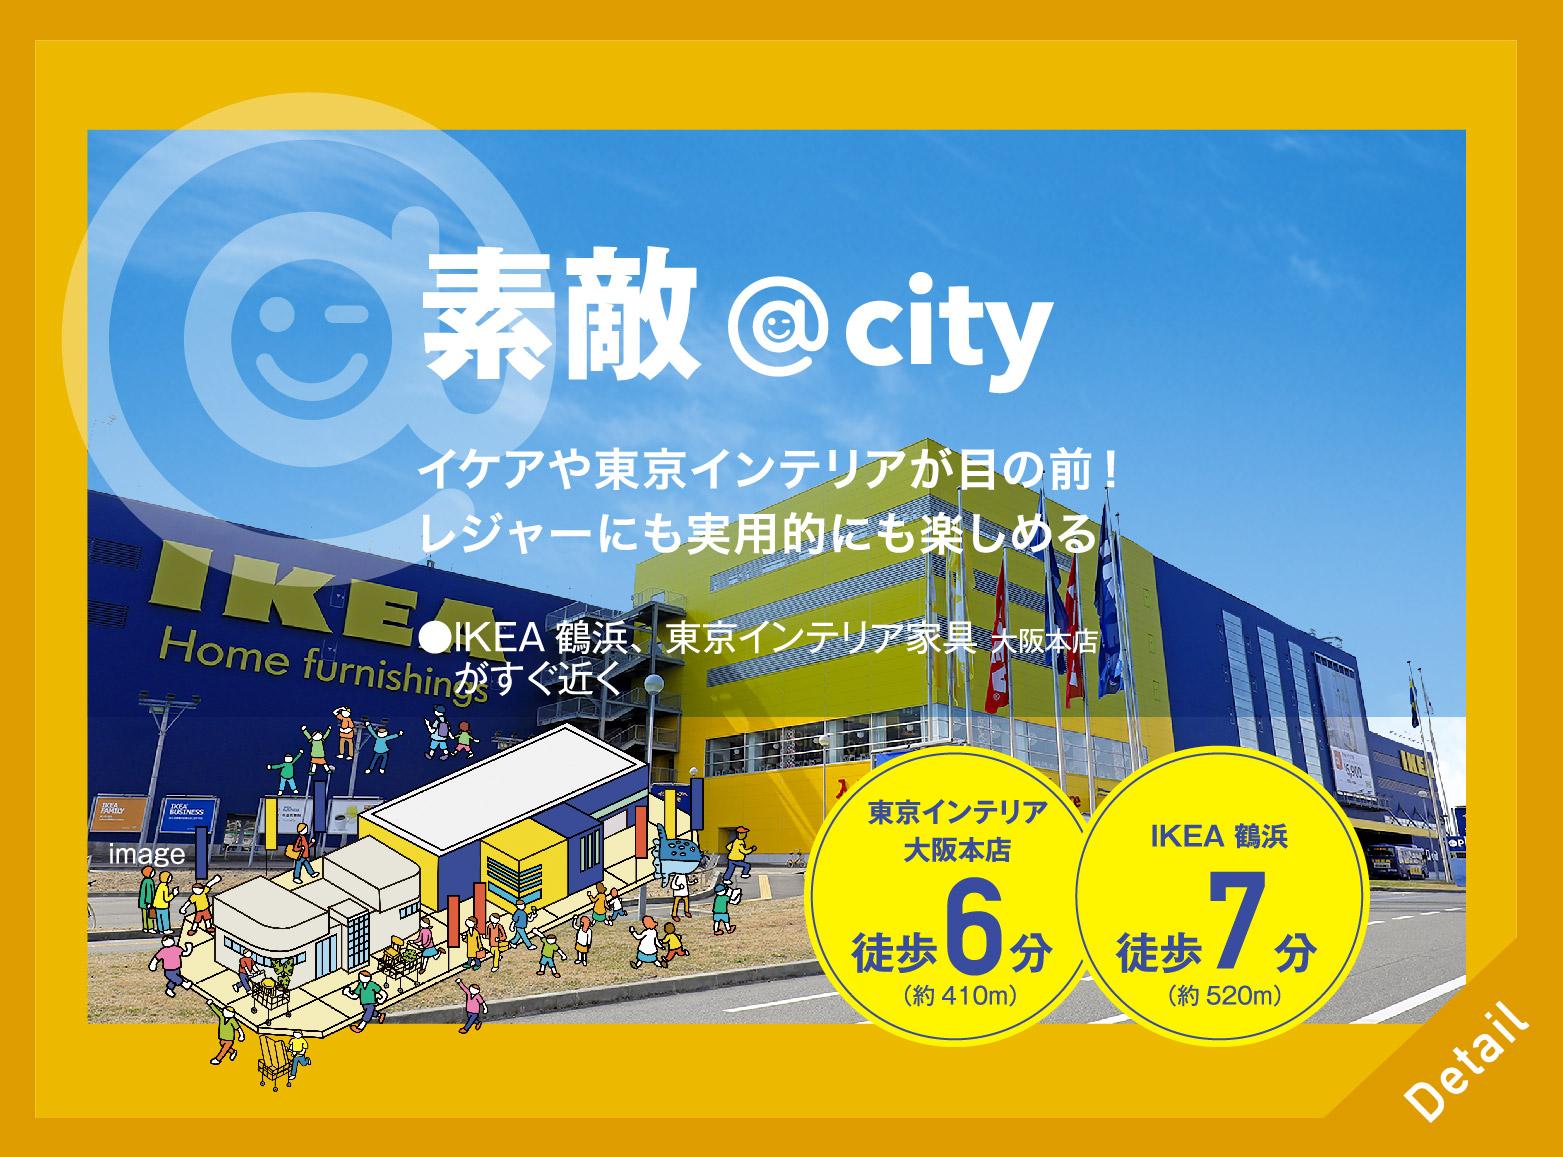 【アットマークシティ鶴浜】素敵@city